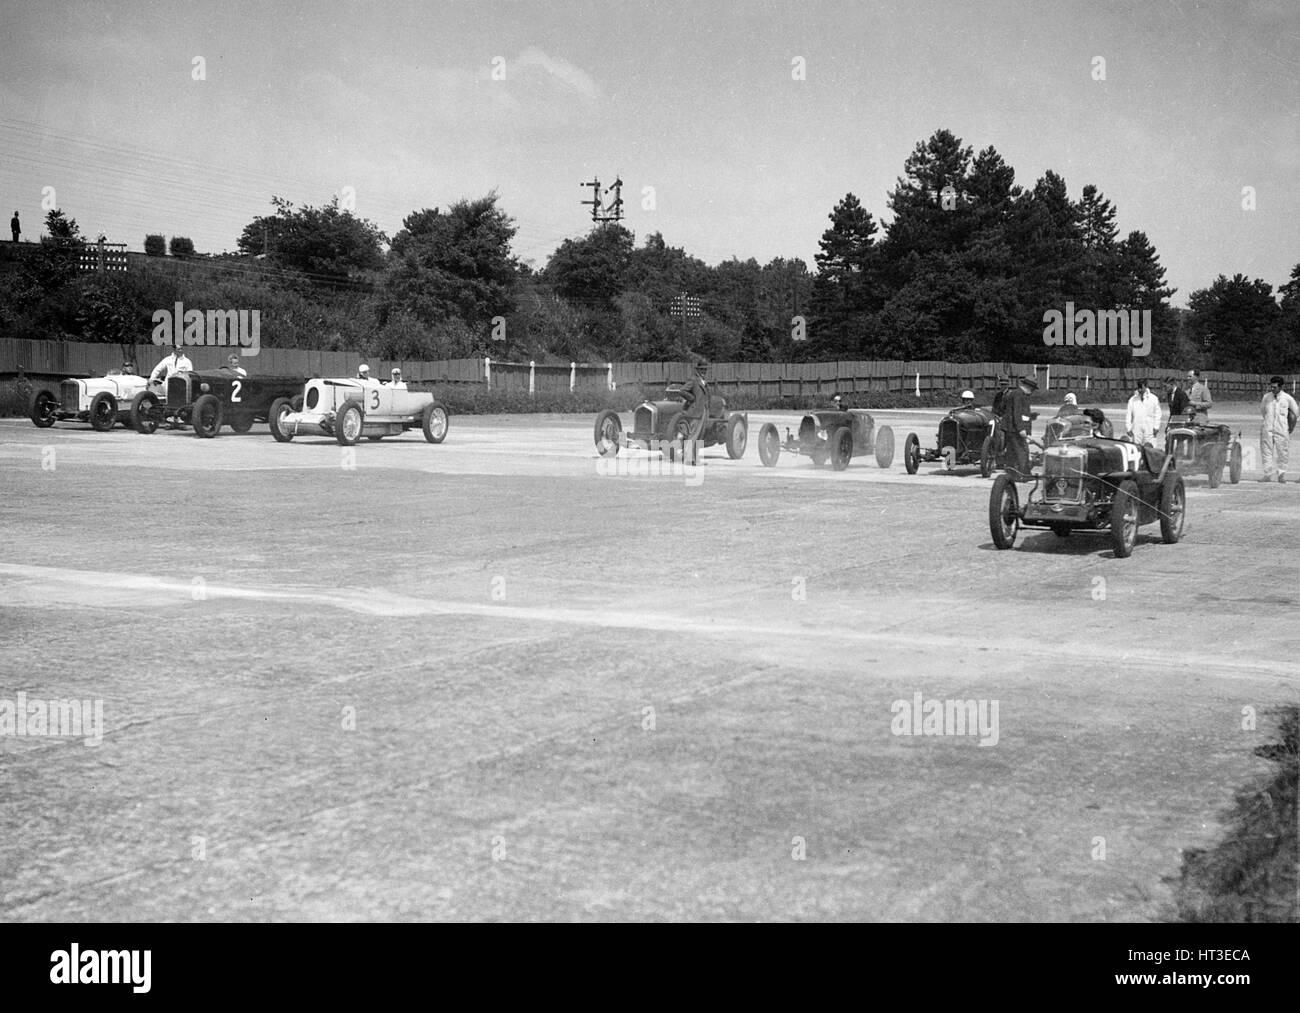 Motor racing at Brooklands. Artist: Bill Brunell. - Stock Image